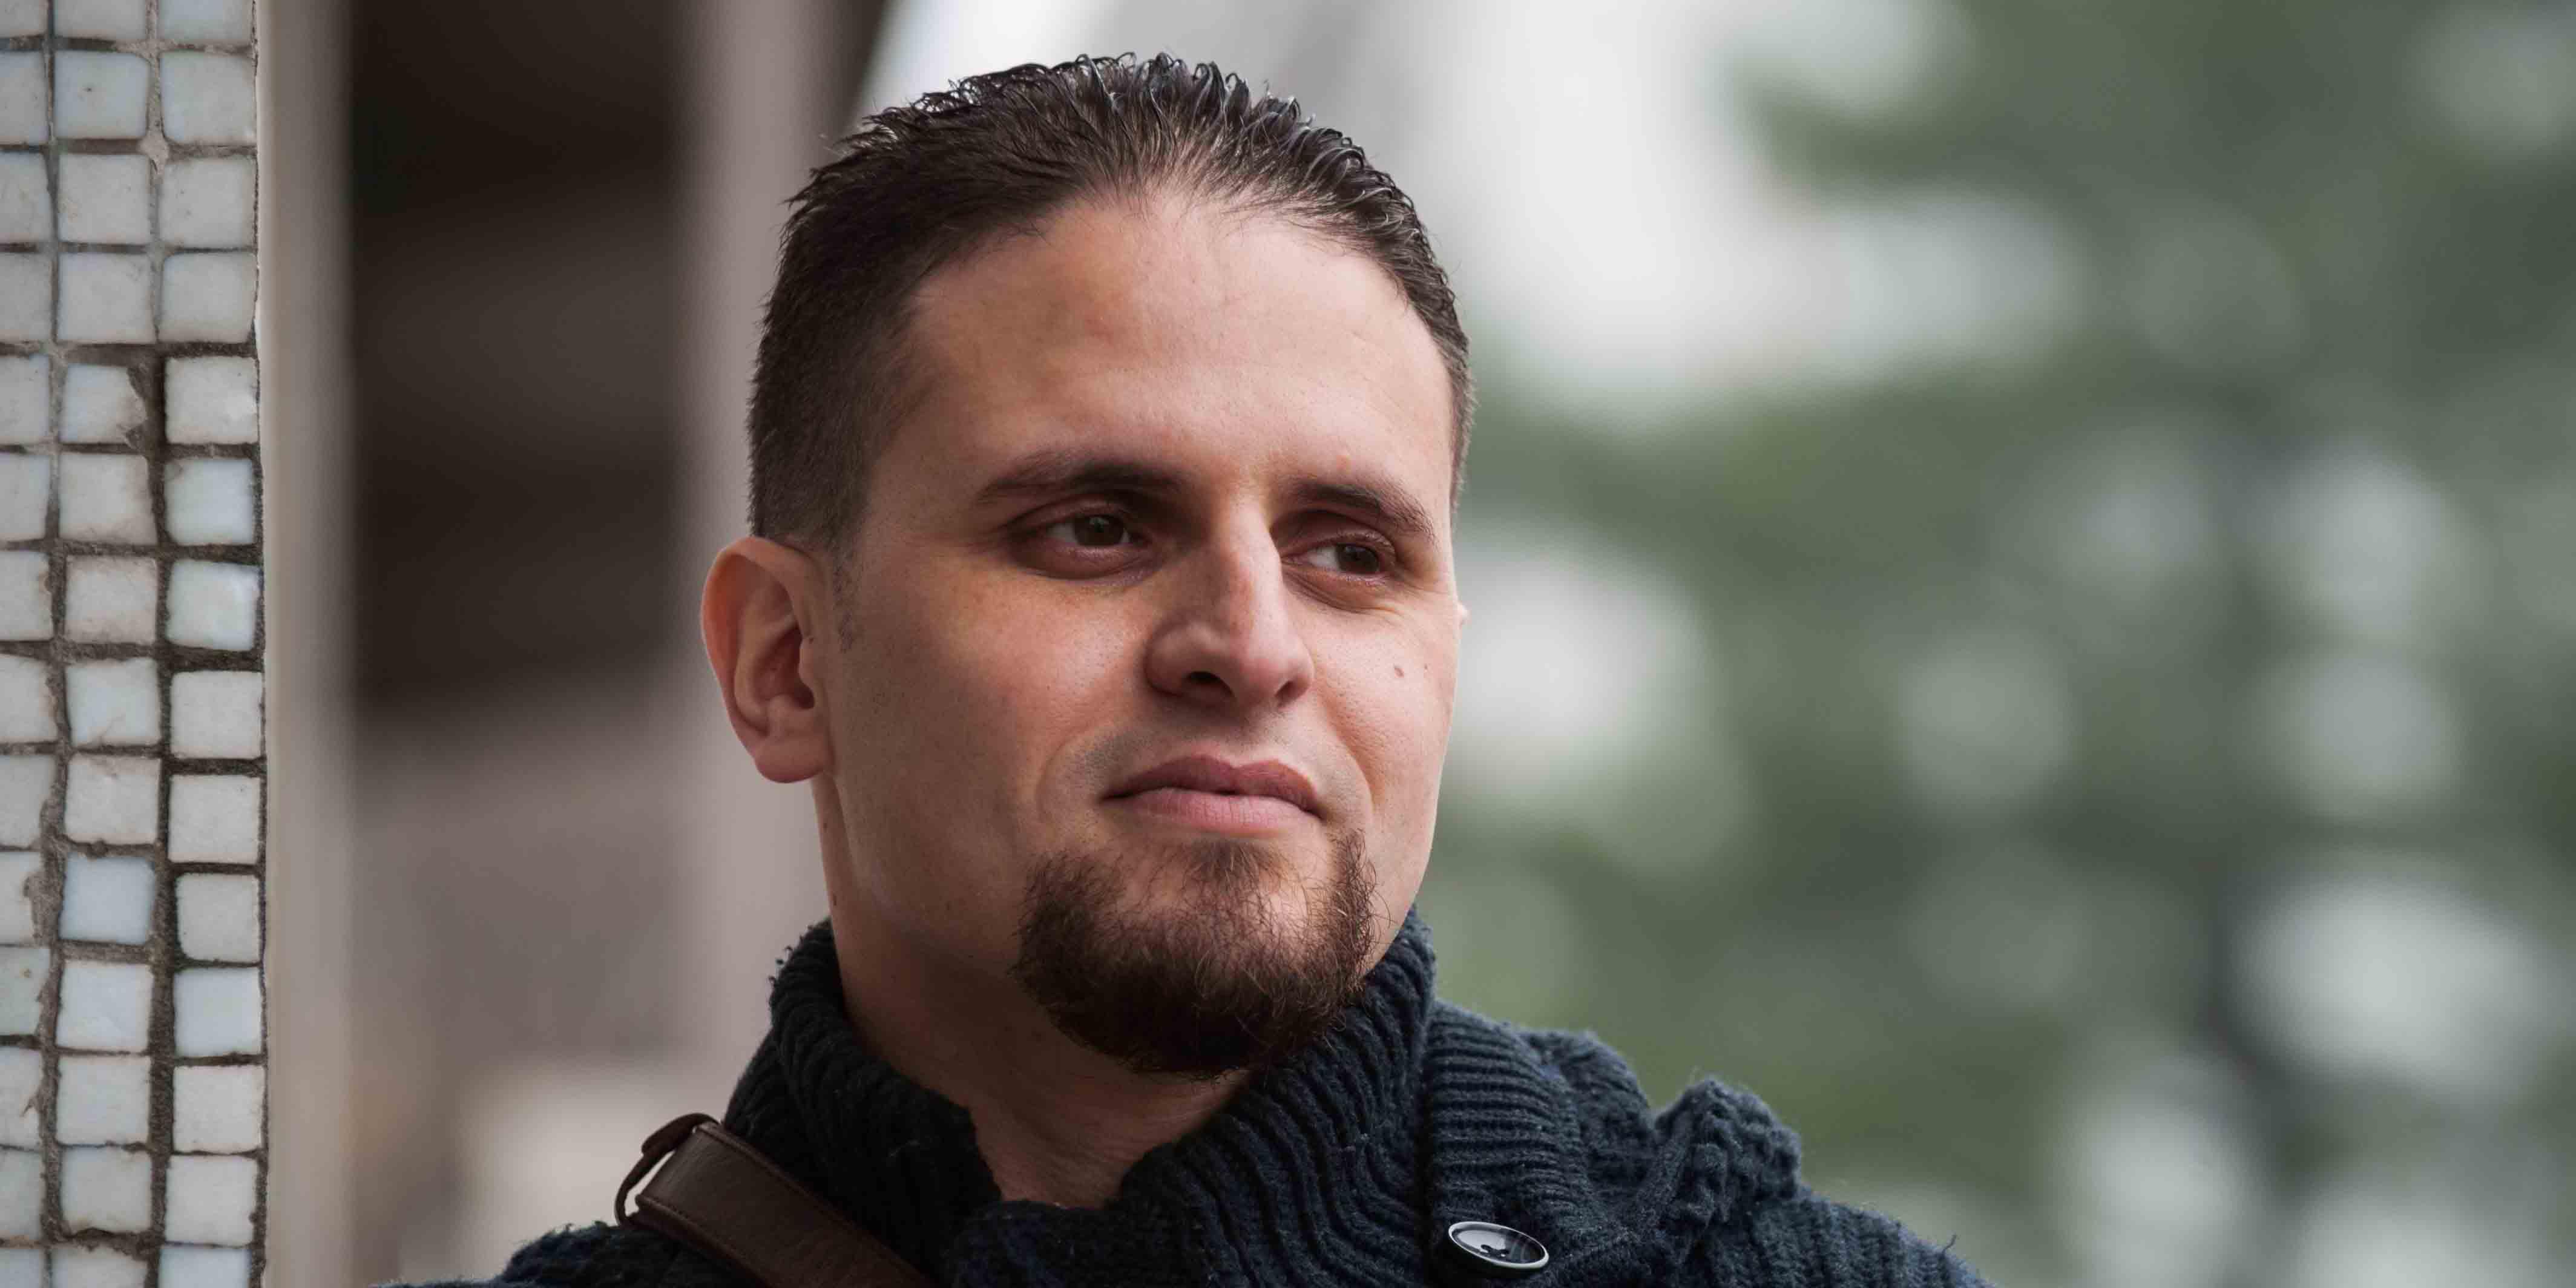 Mourad Benchellali, ancien détenu à Guantanamo qui s'est spécialisé dans la prévention au radicalisme auprès de la jeunesse depuis 2006, critique le tournant sécuritaire du gouvernement Valls.